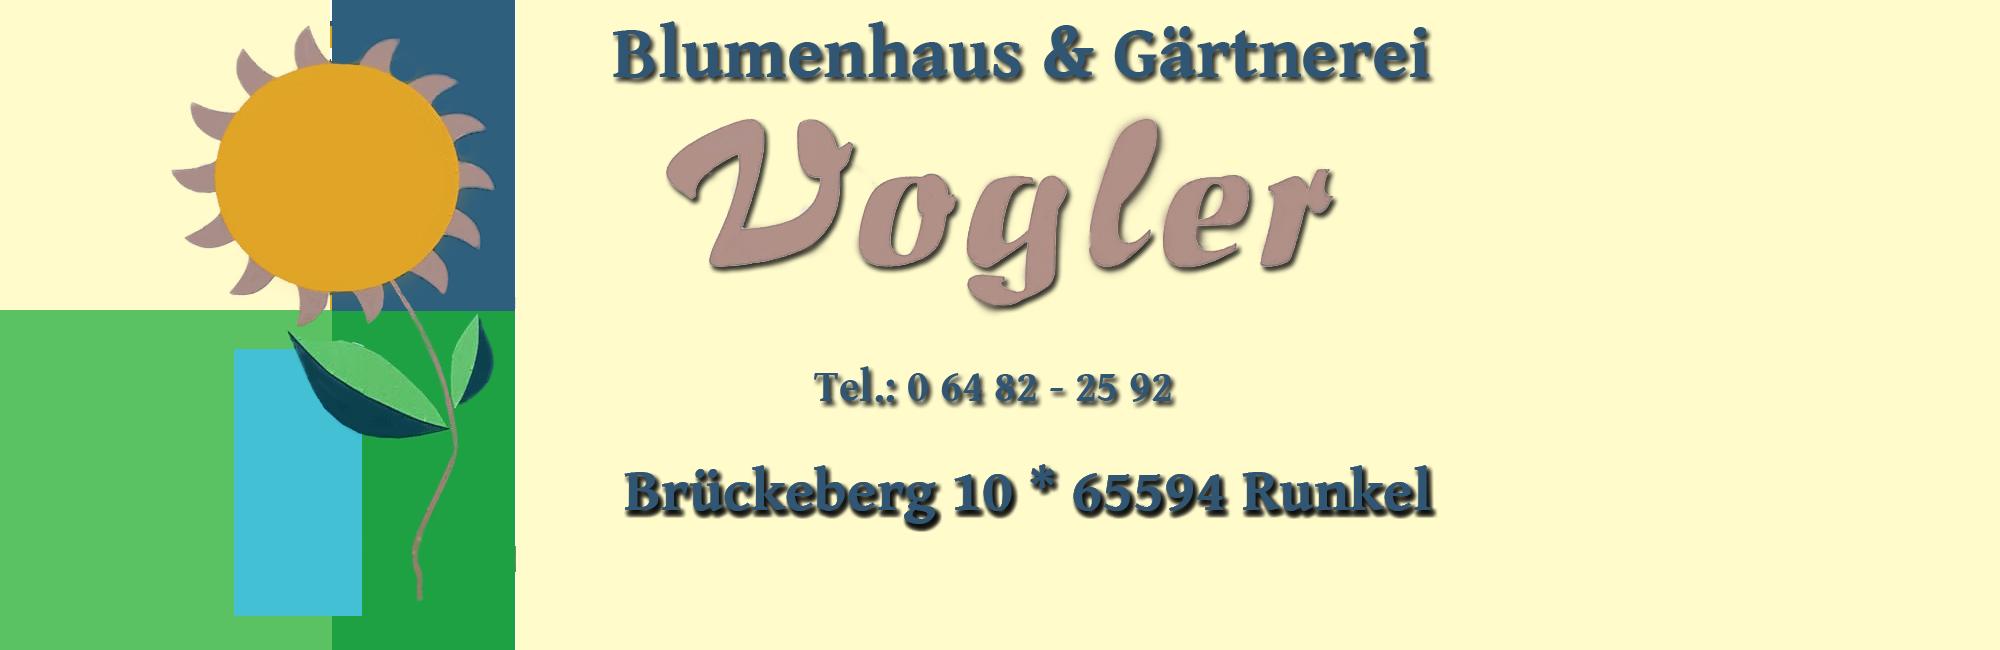 Blumenhaus und Gärtnerei Vogler